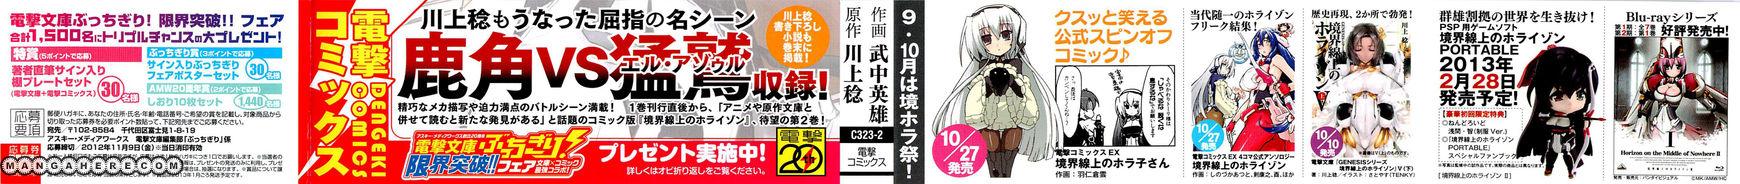 Kyoukai Senjou no Horizon 7 Page 2